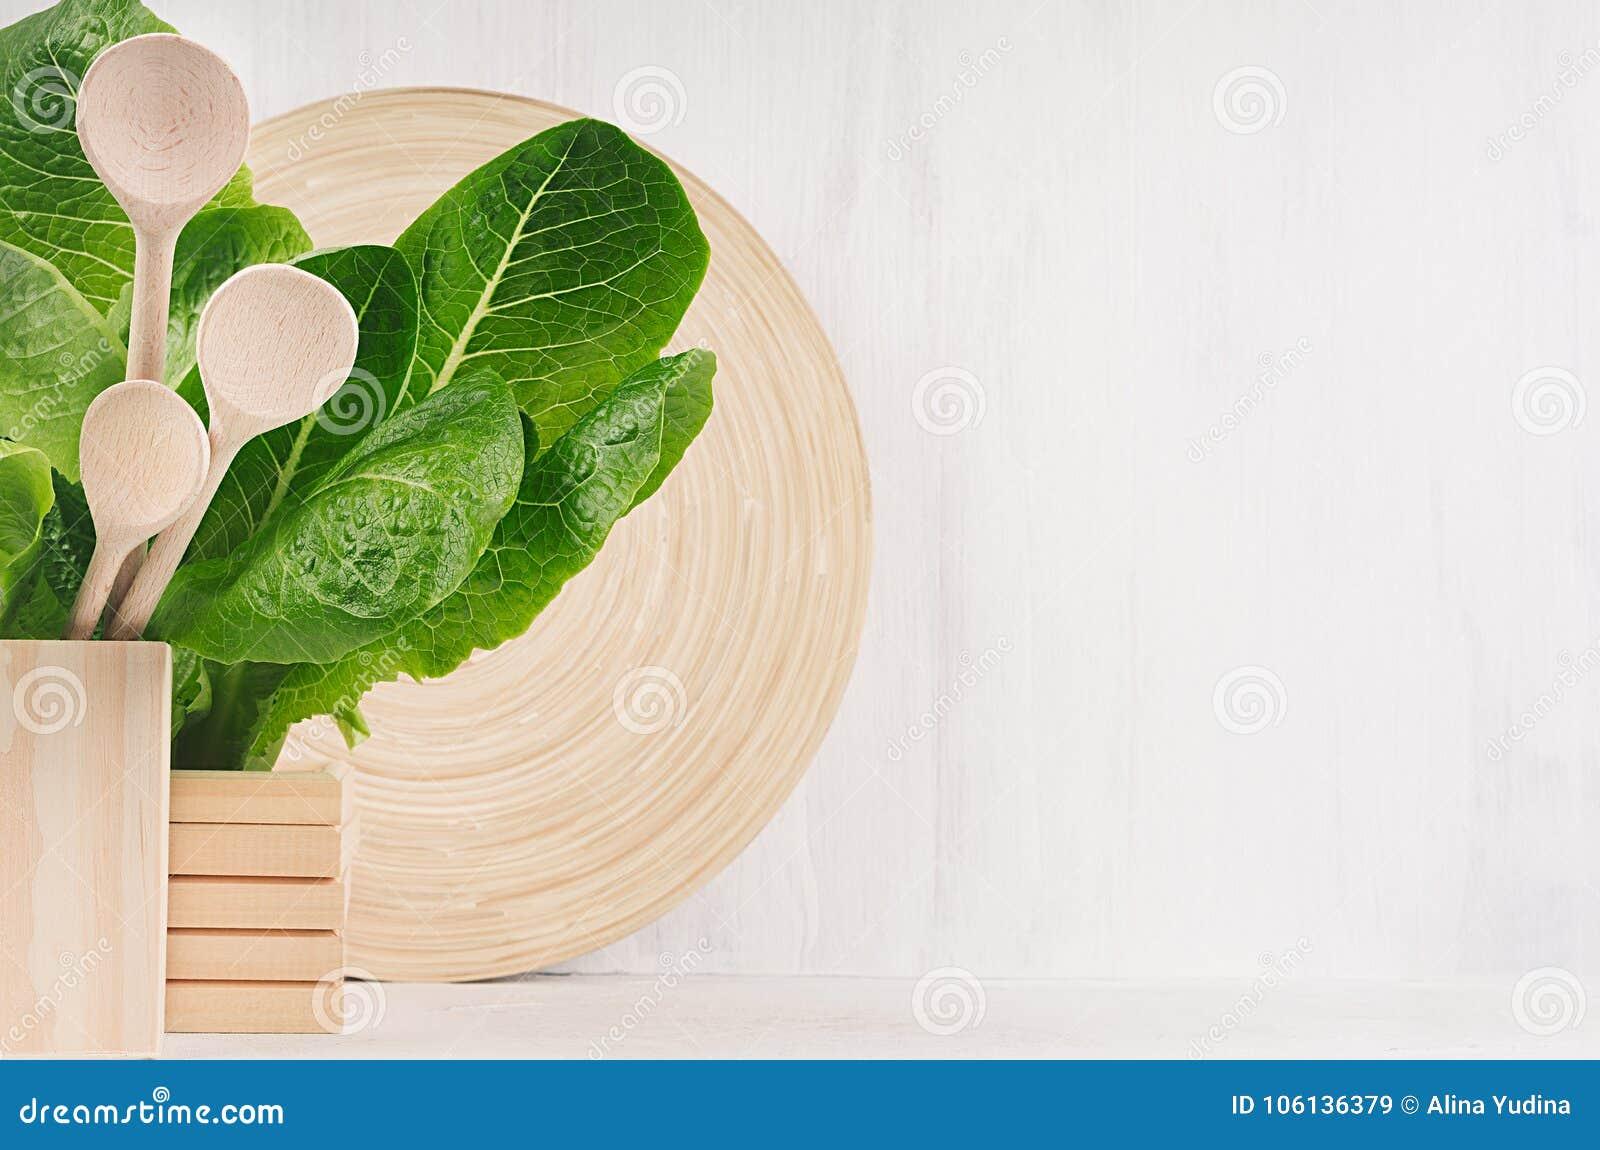 Decoración moderna de la cocina - el plato de madera beige, cucharas, verde se va en el fondo de madera blanco de la luz suave